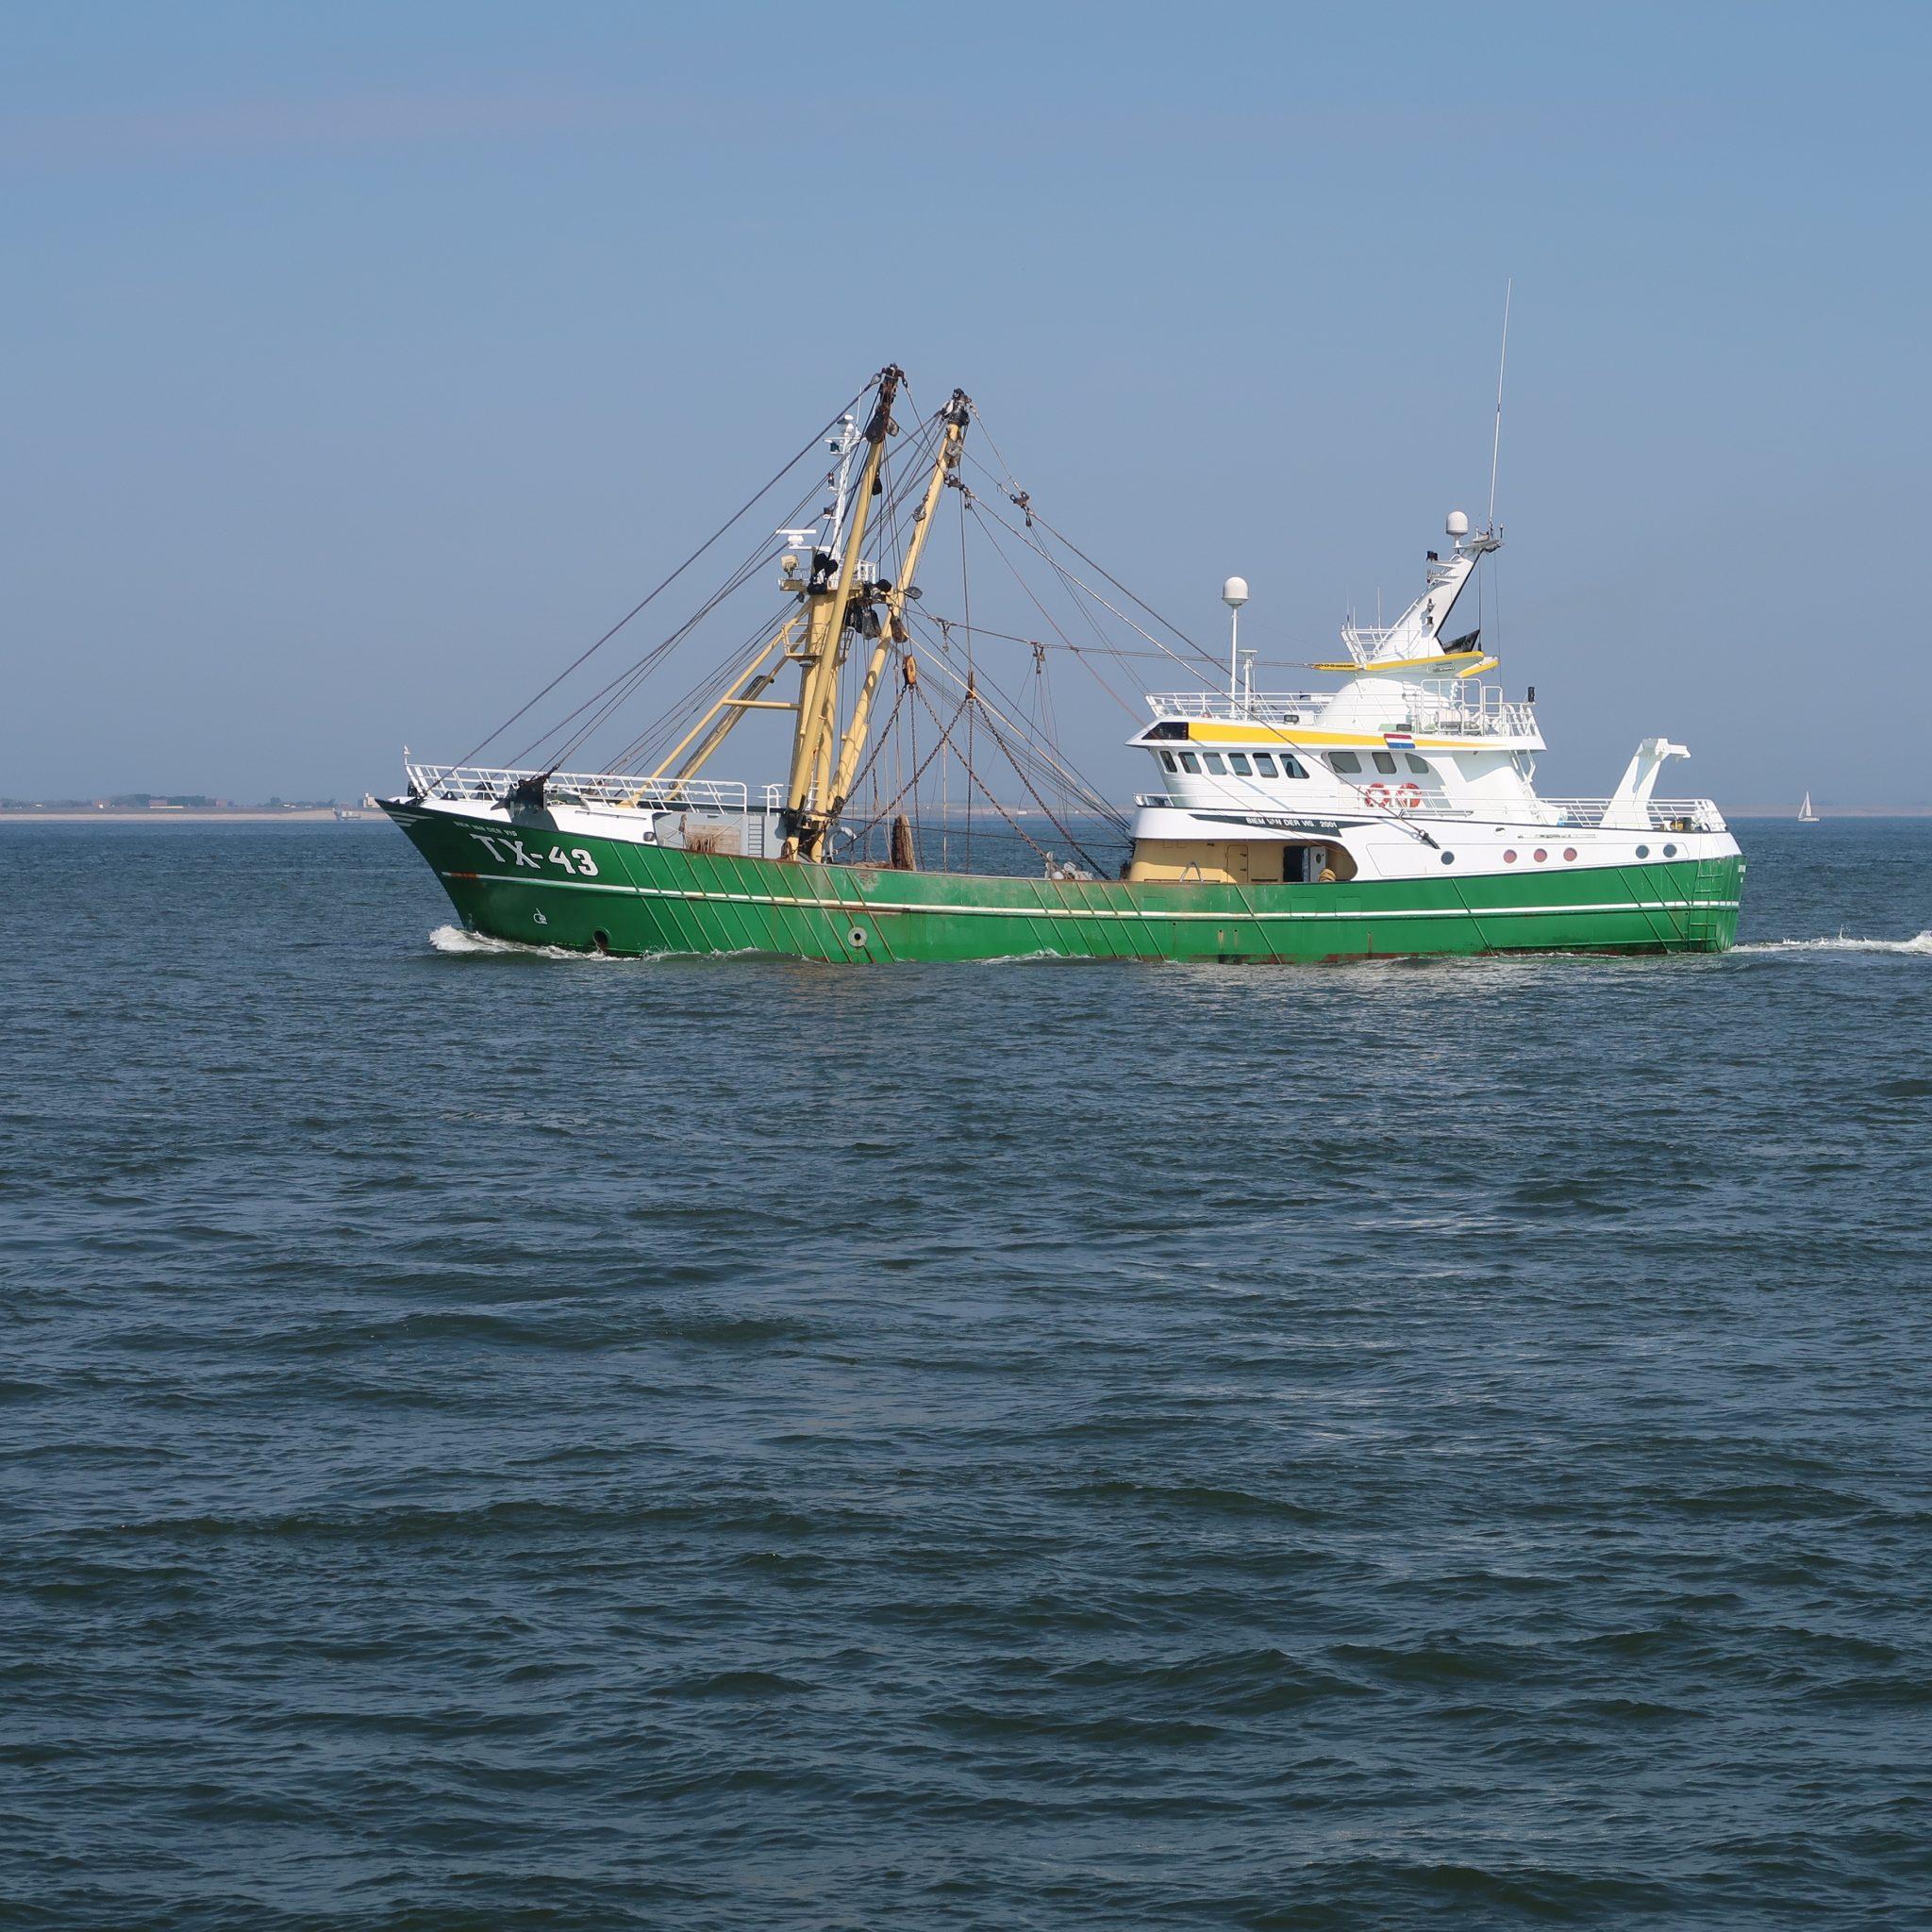 De TX-43 van rederij Bais na een korte stop weer op weg naar de visgronden. (Foto W.M. den Heijer)